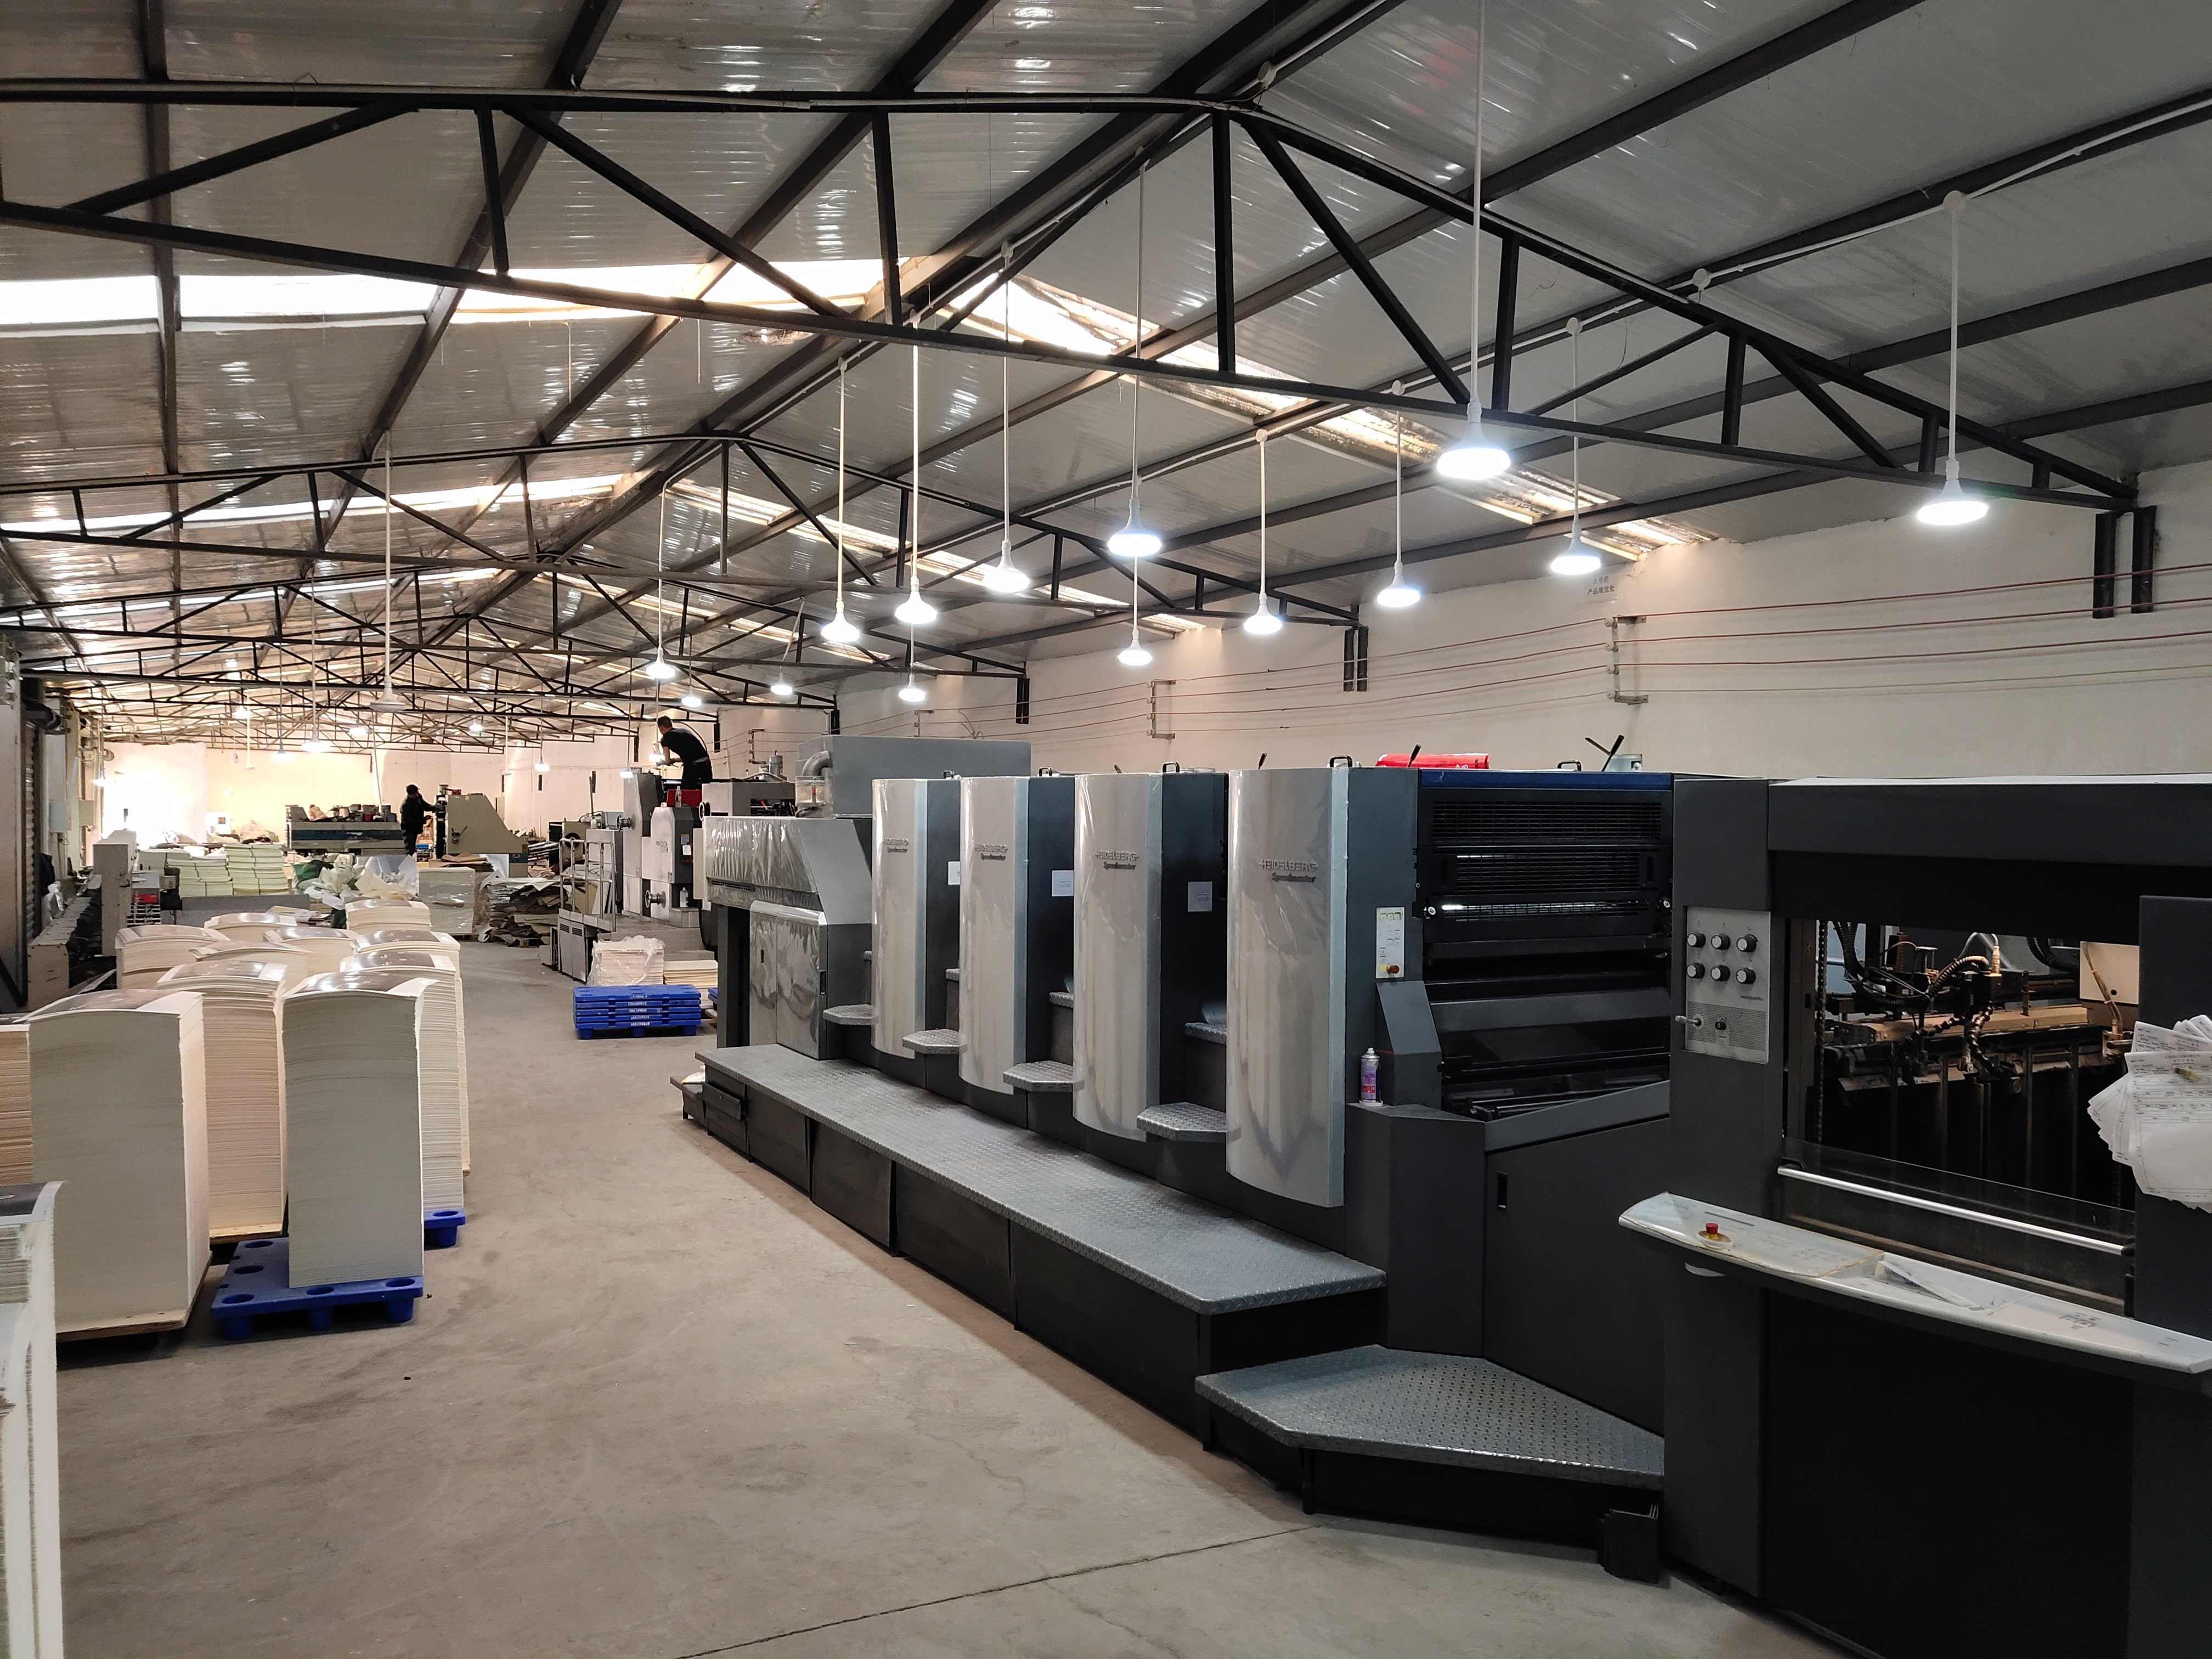 德国进口海德堡印刷设备5